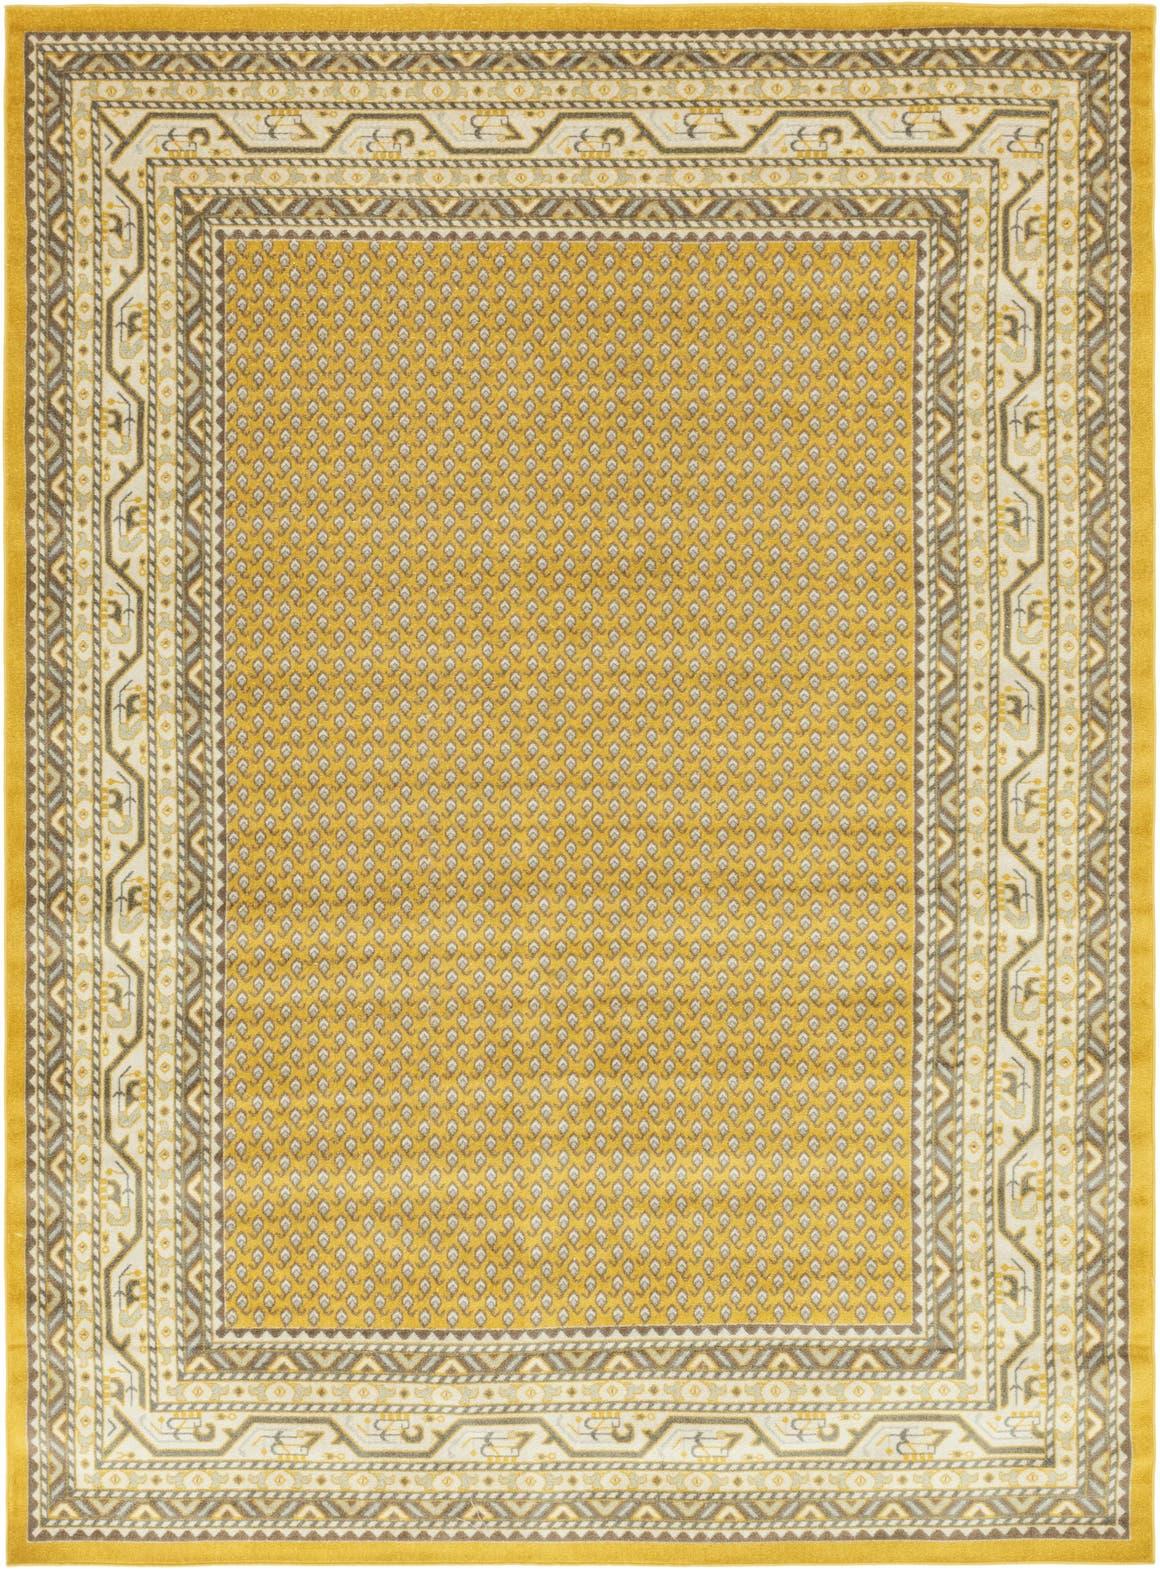 9' x 12' Tribeca Rug main image